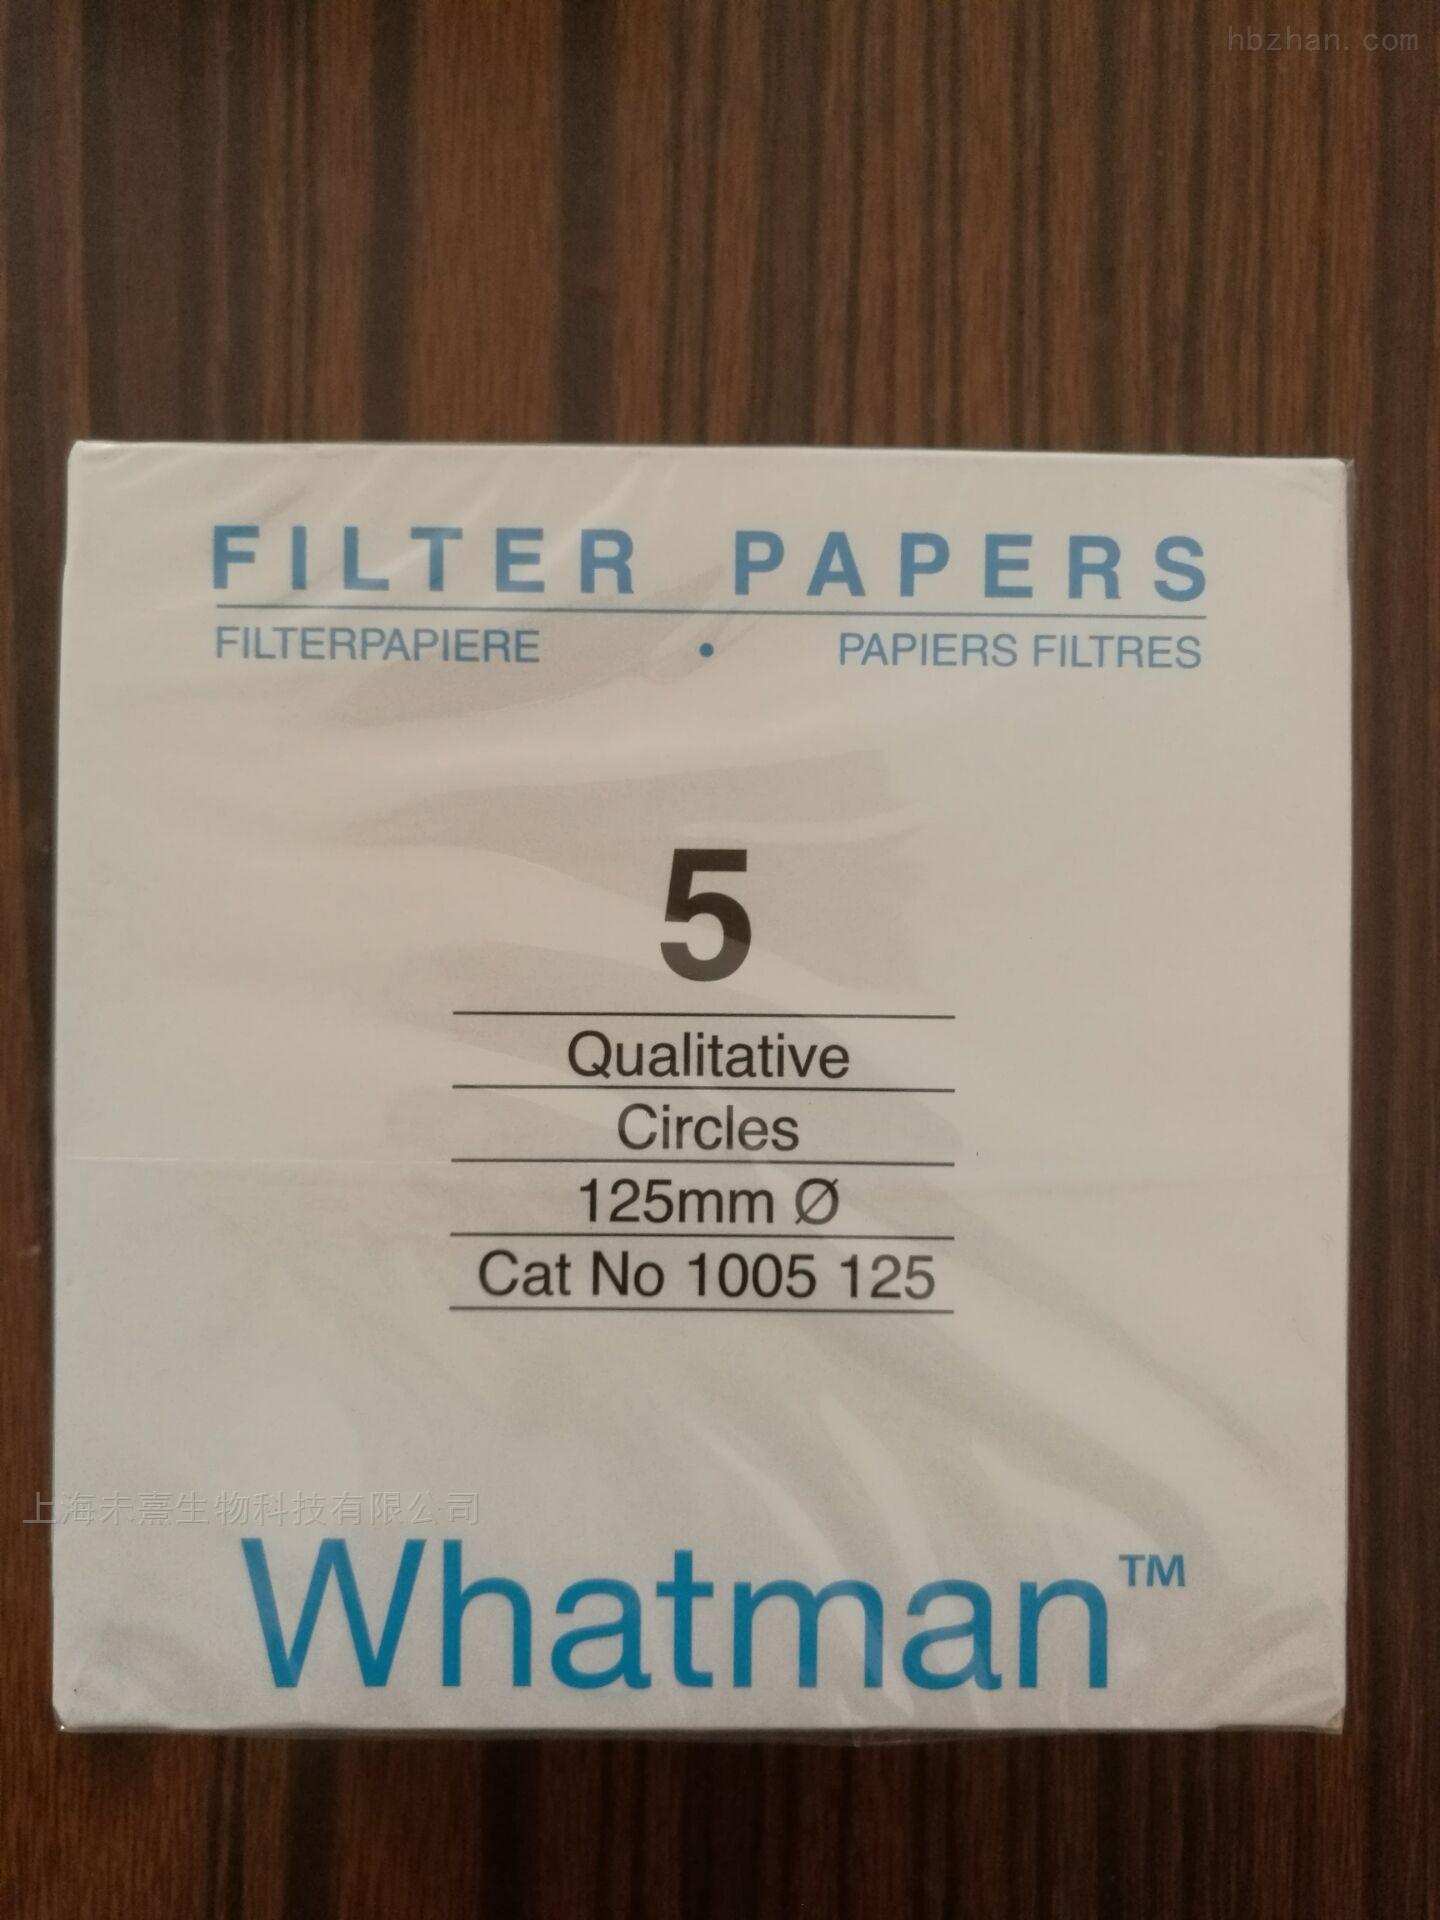 沃特曼定性滤纸NO5慢速滤纸125mm直径